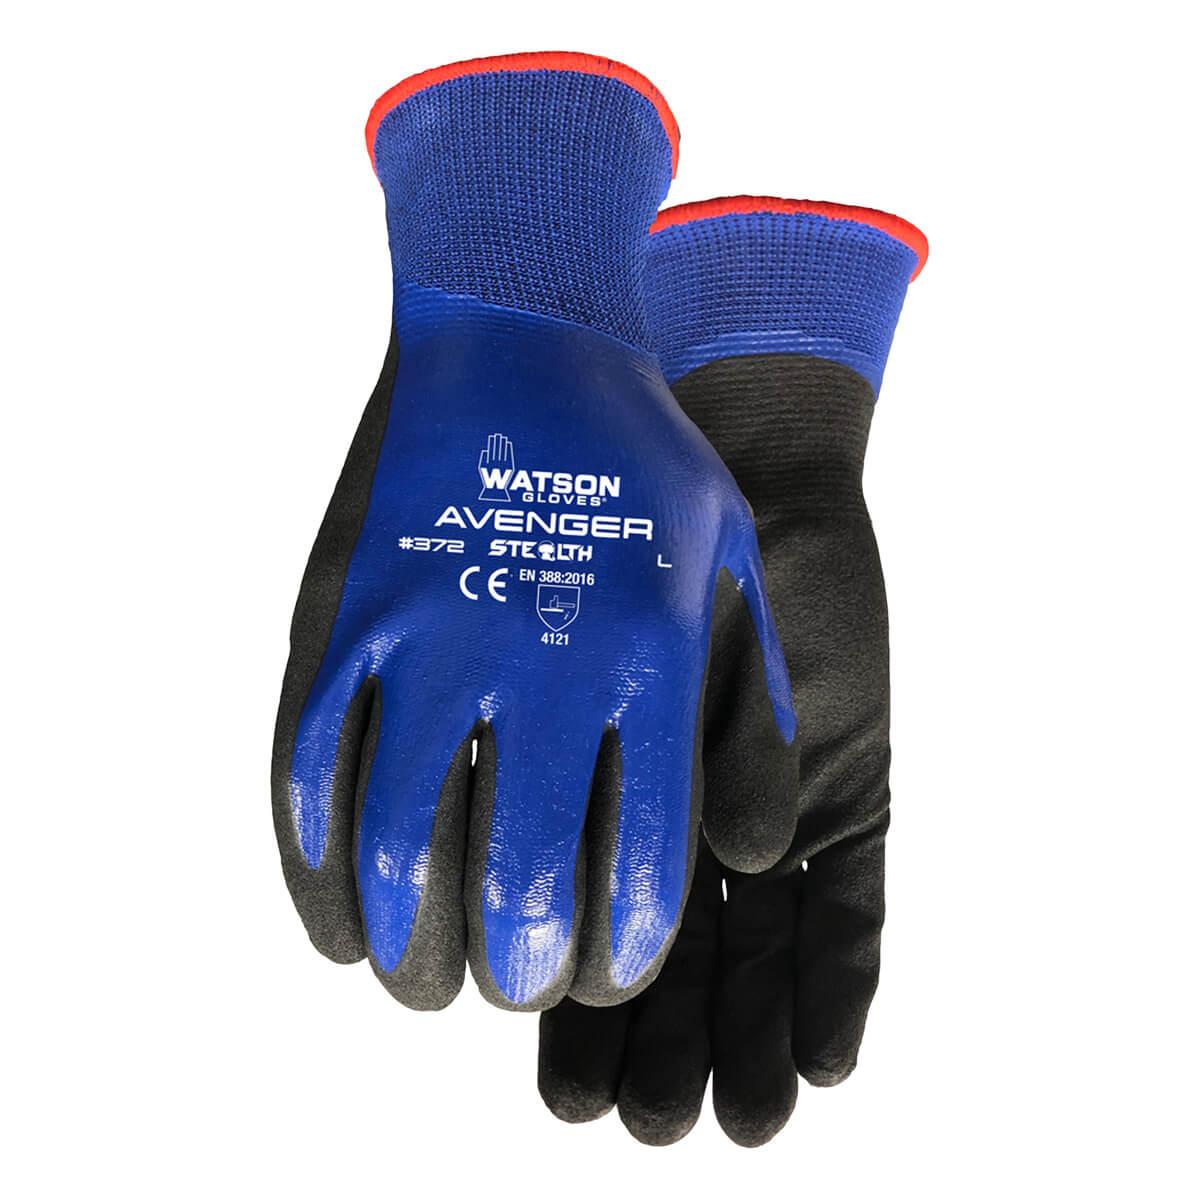 Avenger Water Resistant Gloves - XL